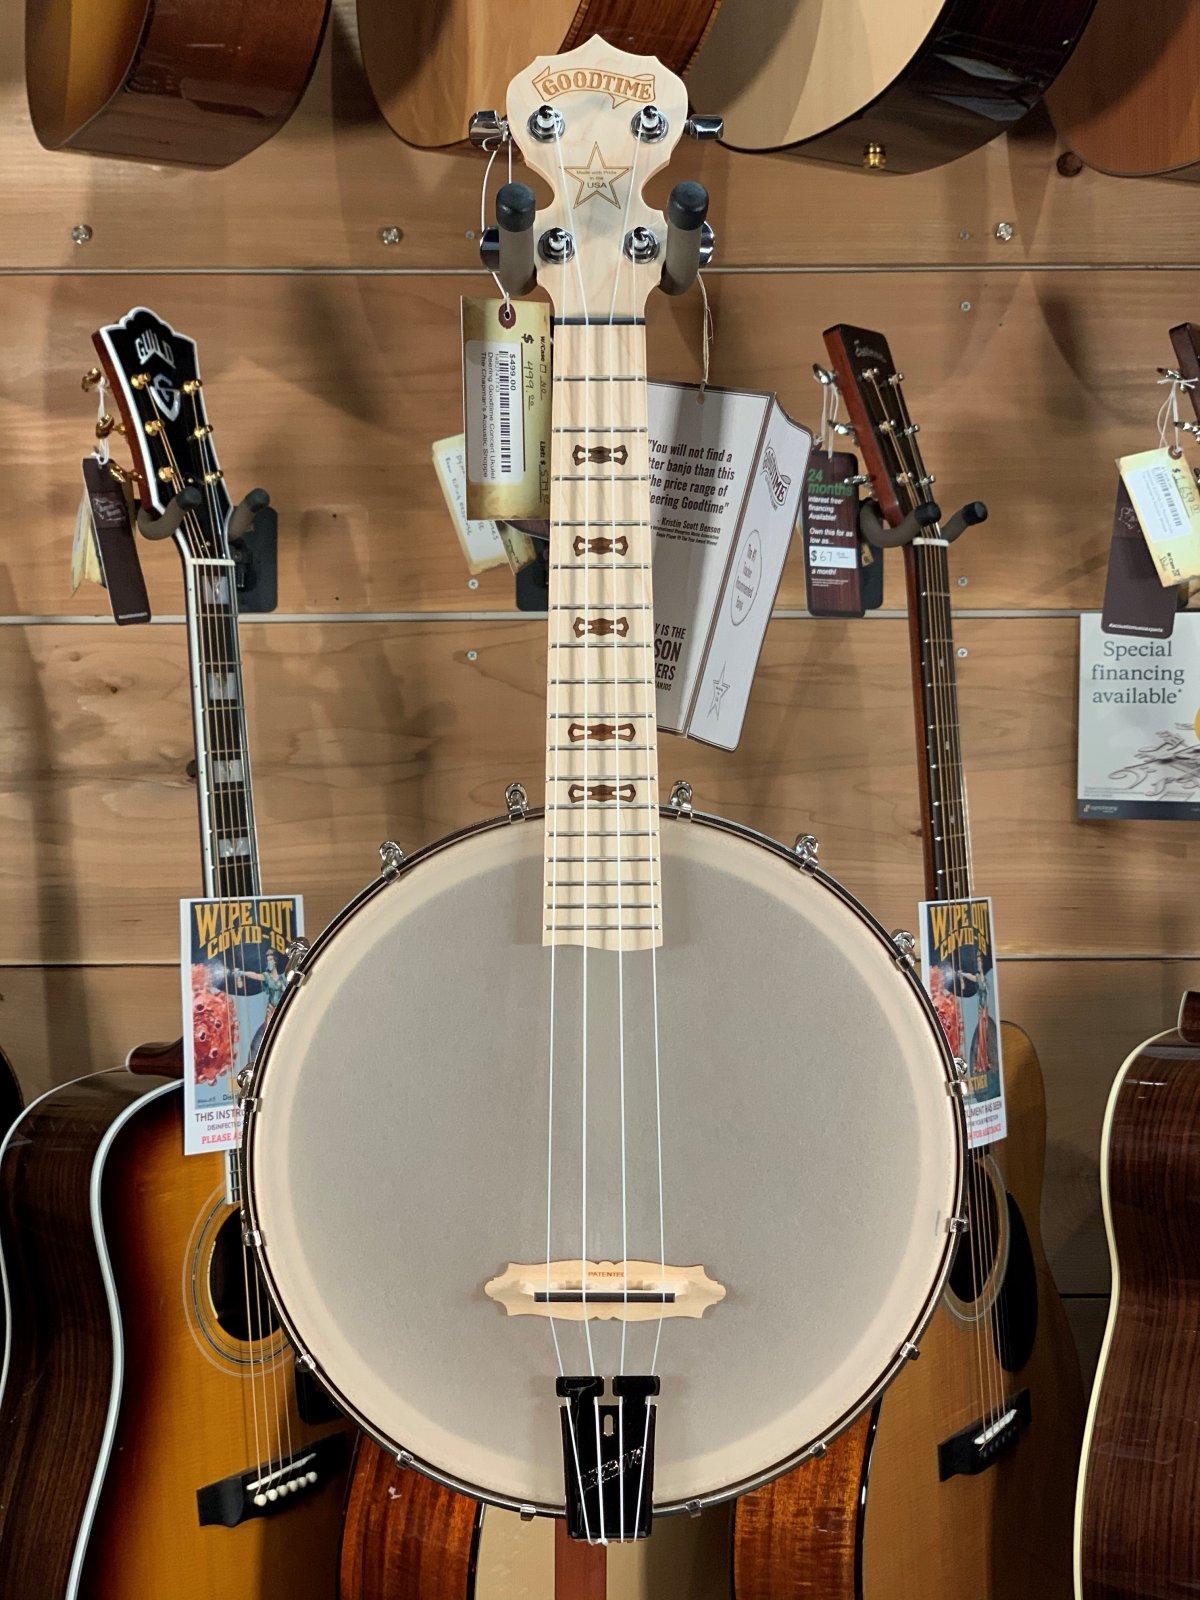 Deering Goodtime Banjo Ukulele - Concert